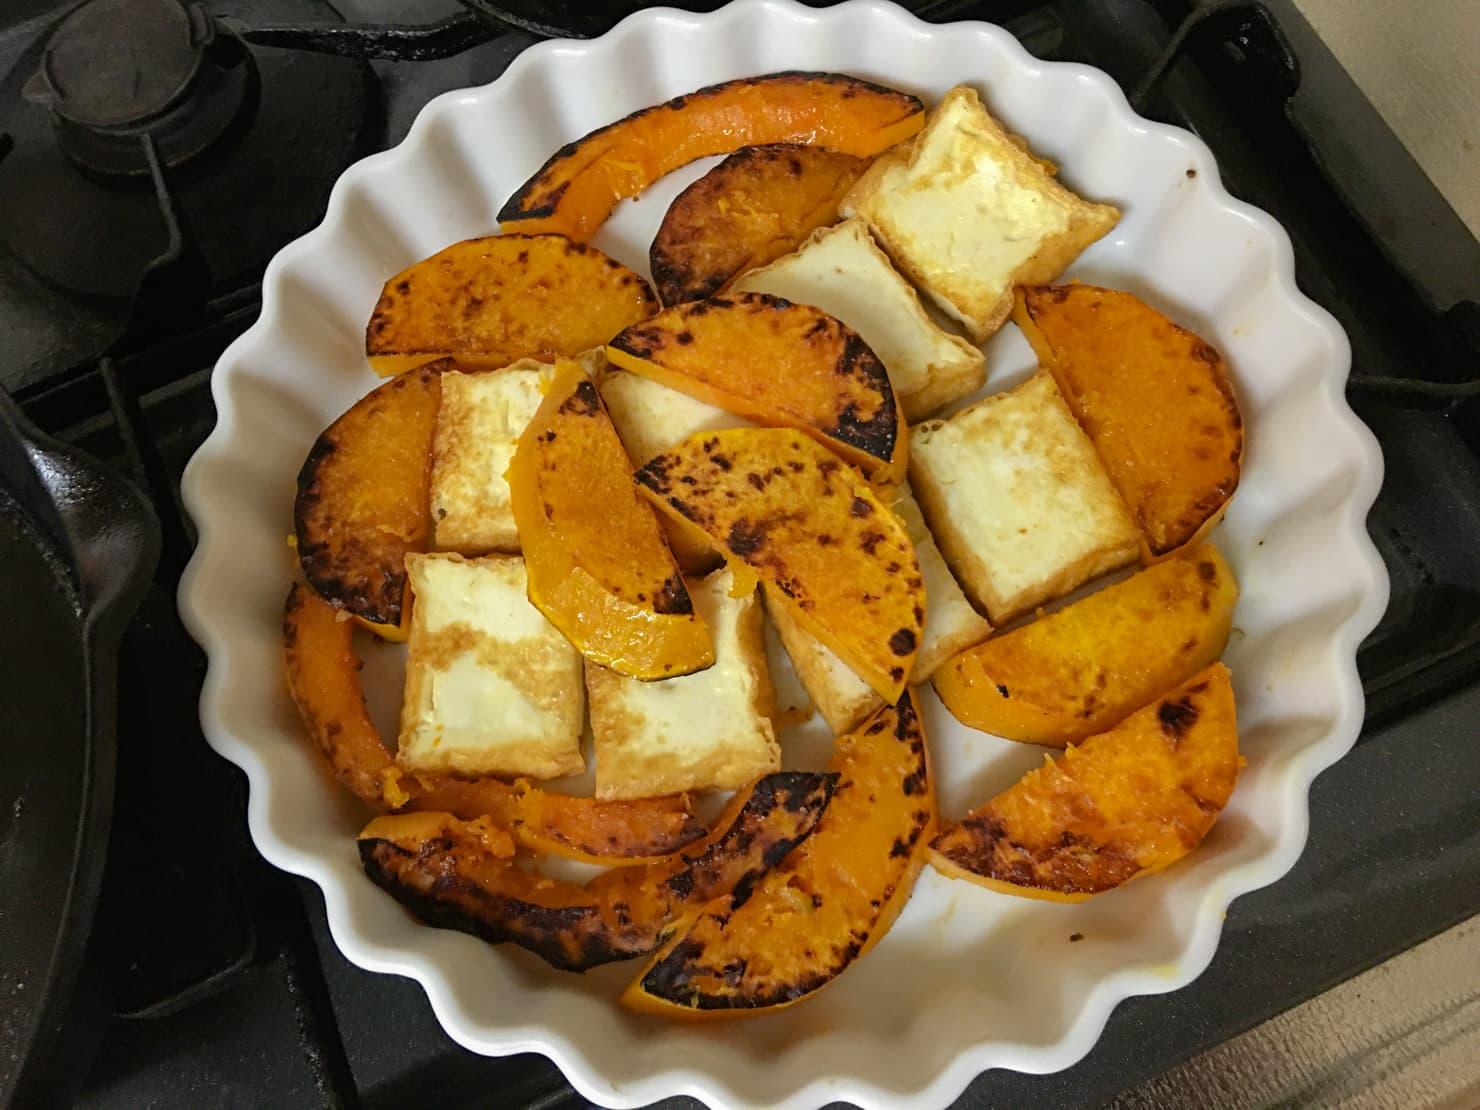 バターナッツかぼちゃと厚揚げを耐熱皿に並べた写真